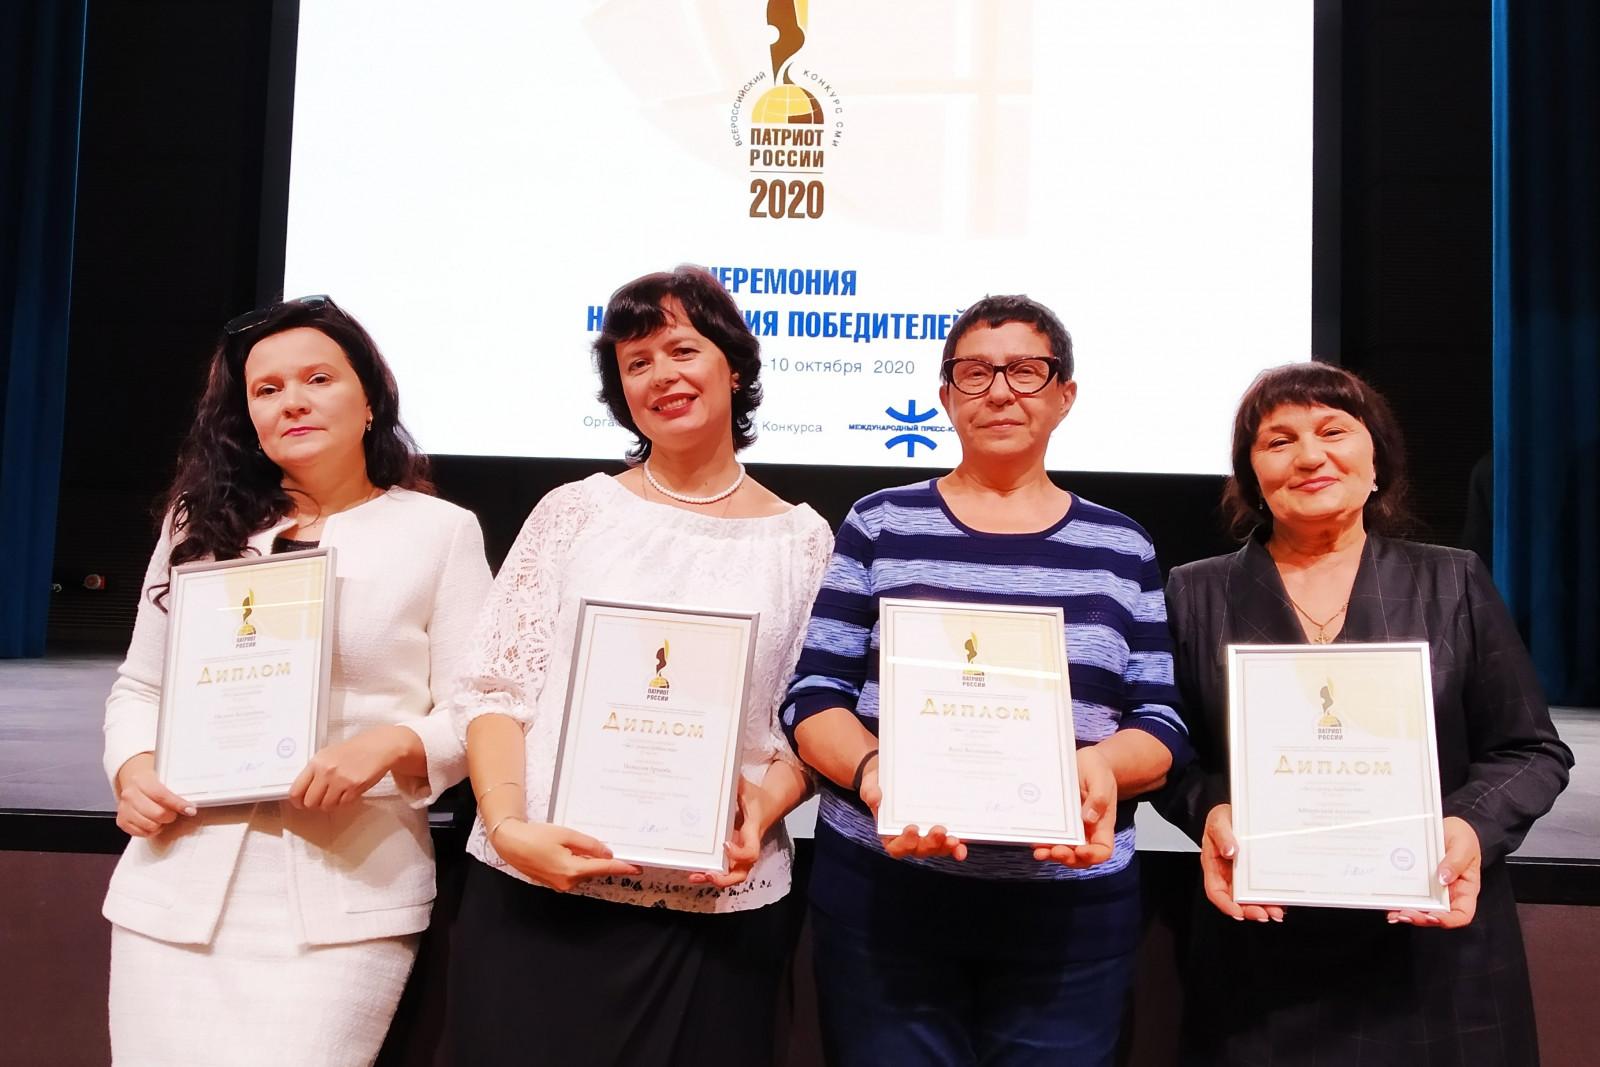 Журналисты из Ростовской области – в числе победителей Всероссийского конкурса «Патриот России-2020»